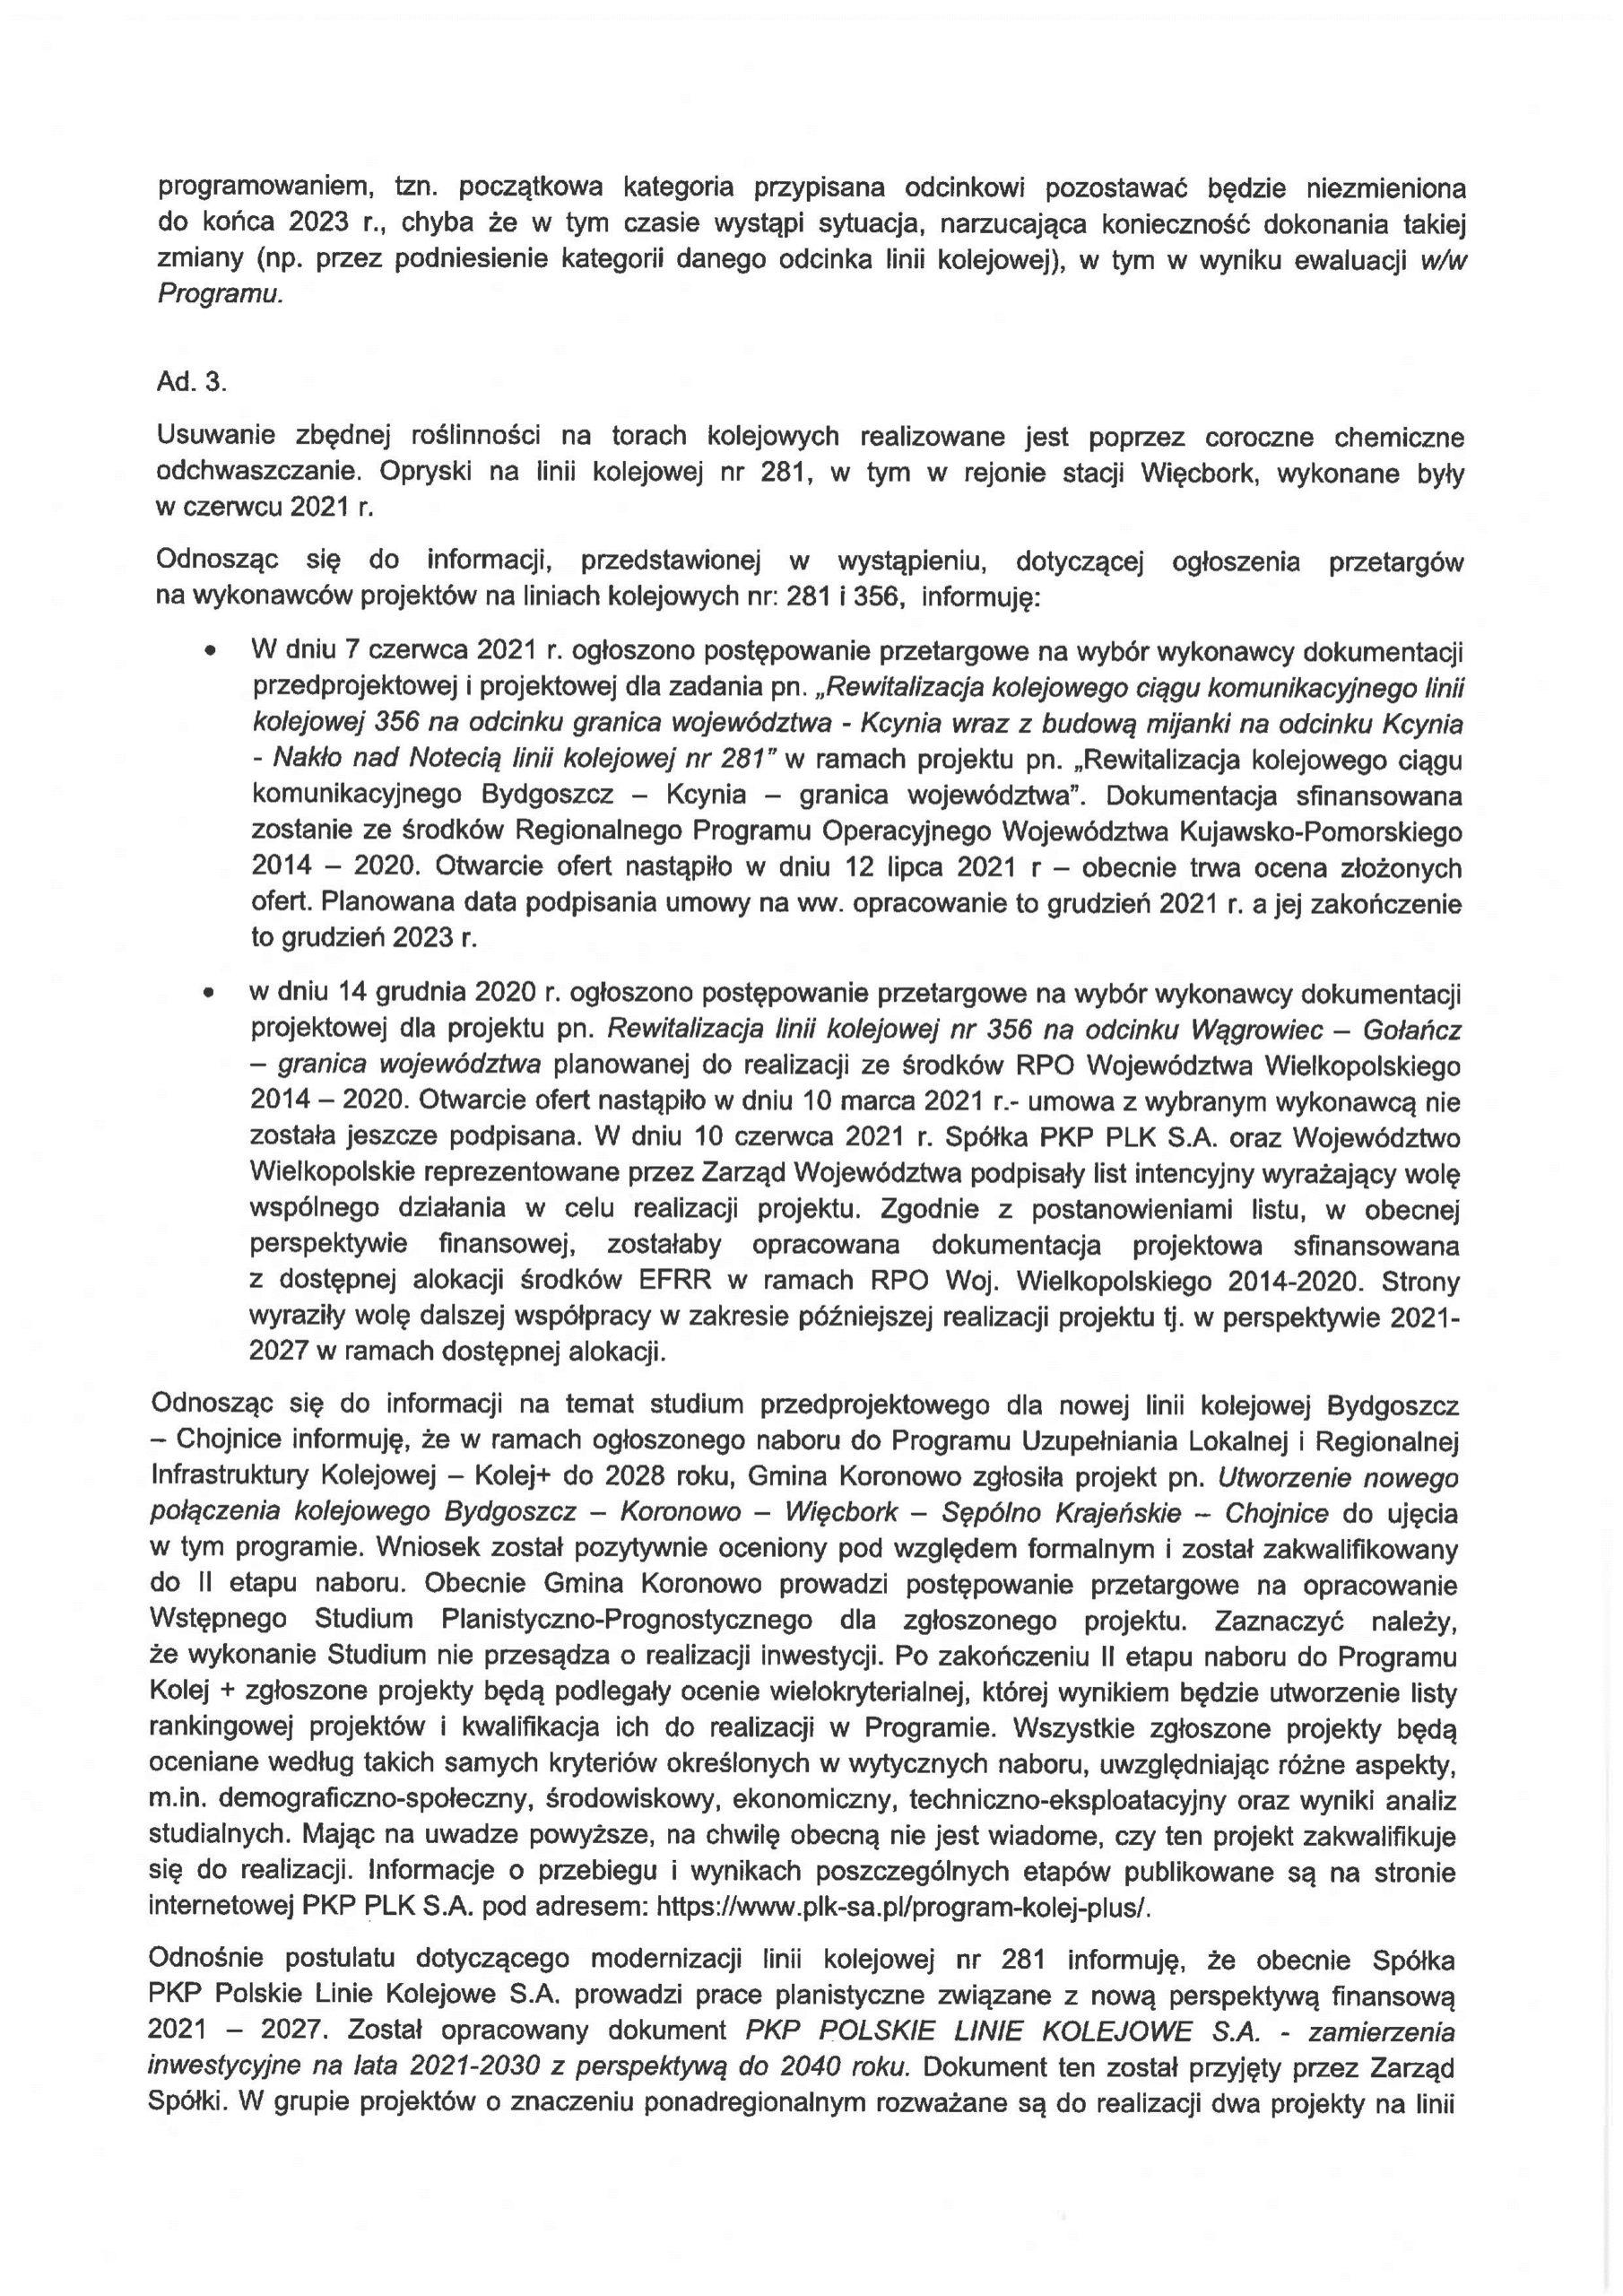 Z ogromną satysfakcją oznajmiam zazałączonym pismem, żedziś Minister Infrastruktury potwierdził mi po20 latach mojejwalki ouratowanie linii kolejowej 281 jej remont od2022 roku nacałym odcinku: Oleśnica - Gniezno - Kcynia - Więcbork - Chojnice